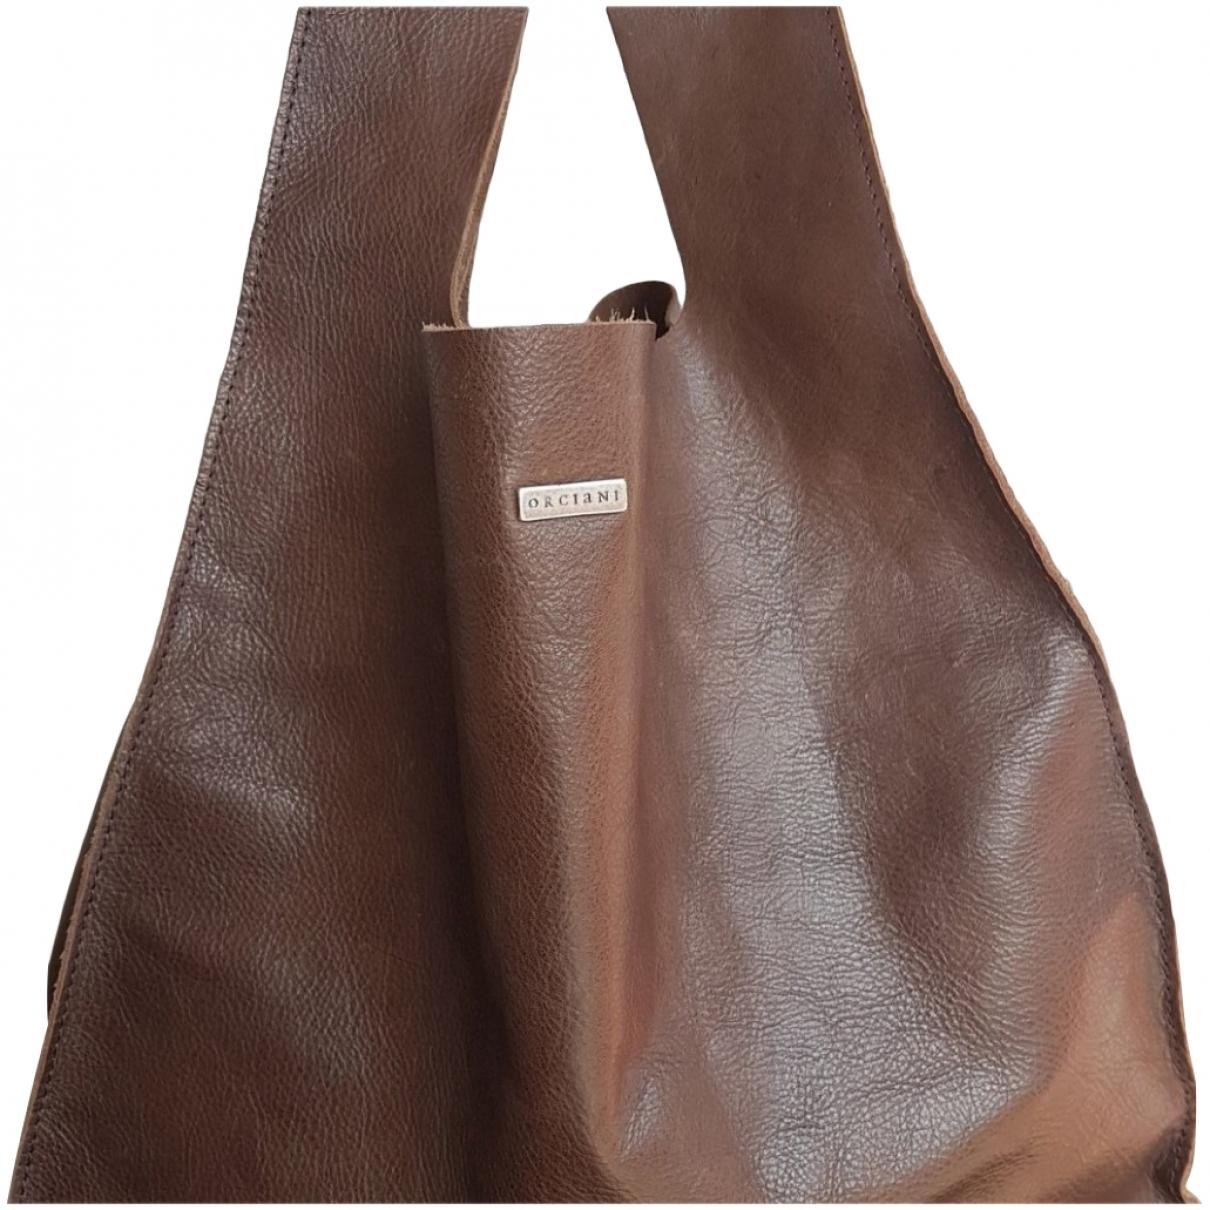 Orciani - Sac a main   pour femme en cuir - marron